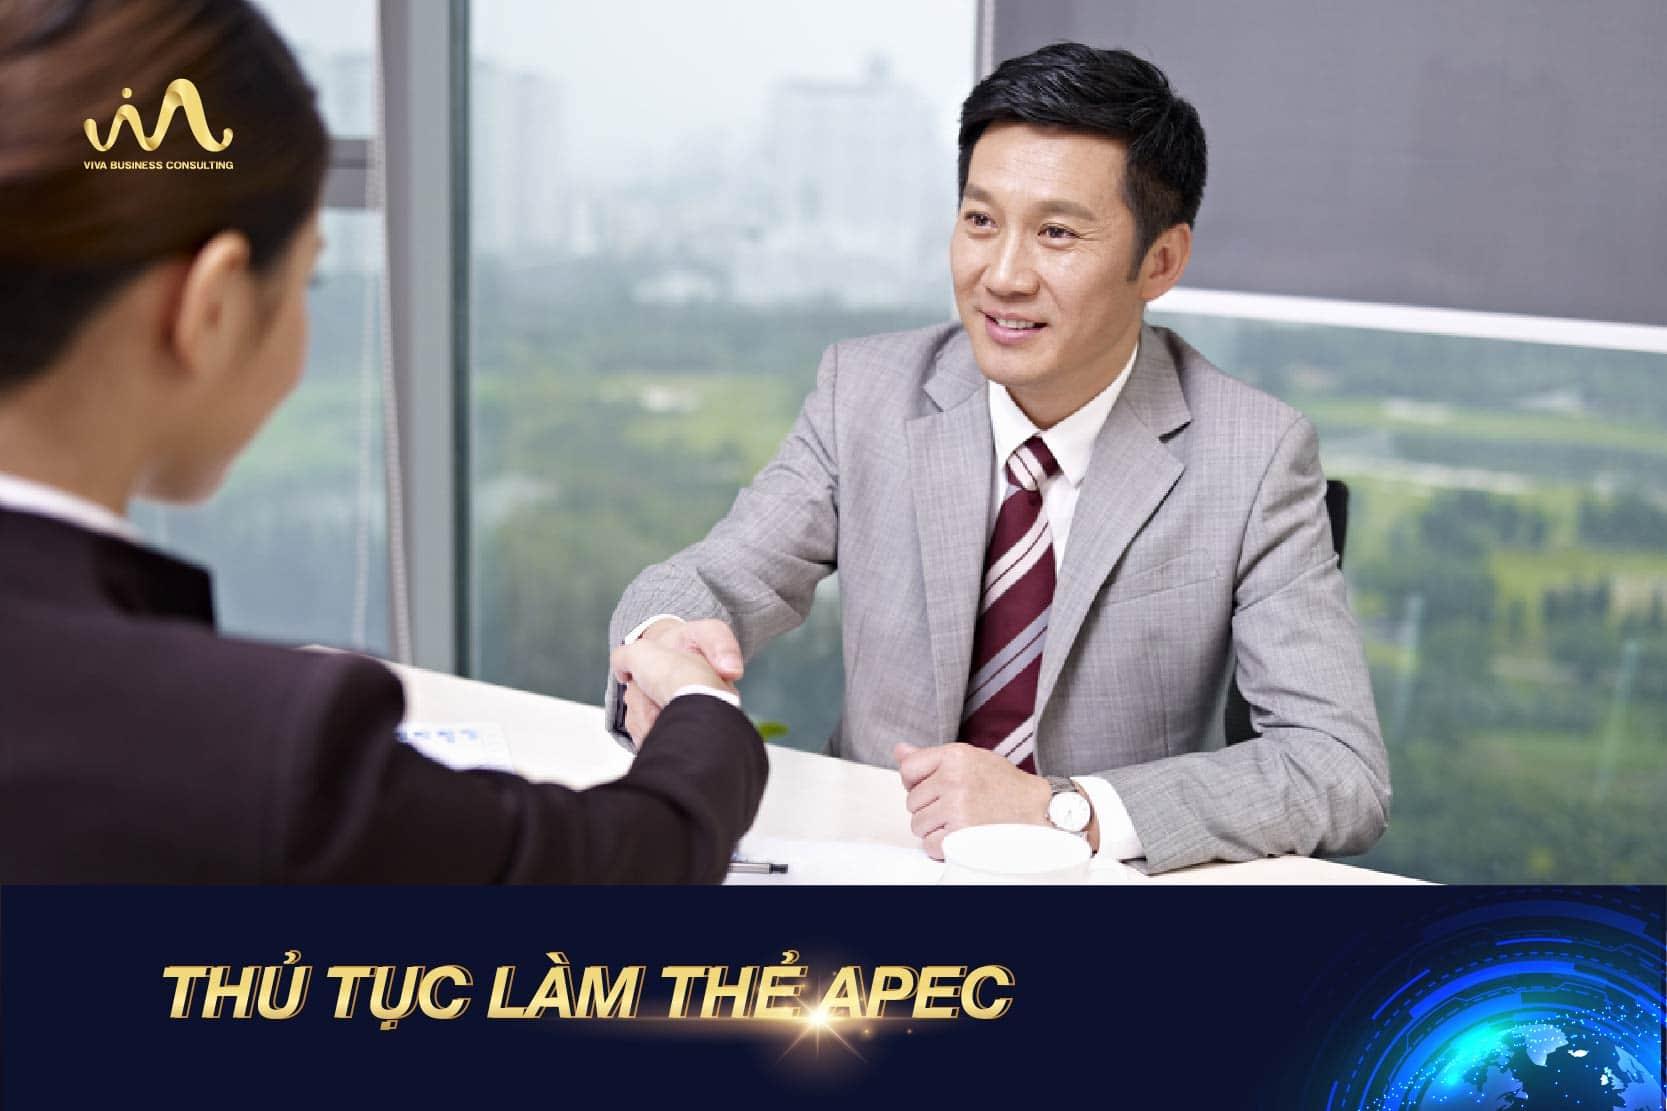 Thủ tục làm thẻ APEC tại VIVA BCS